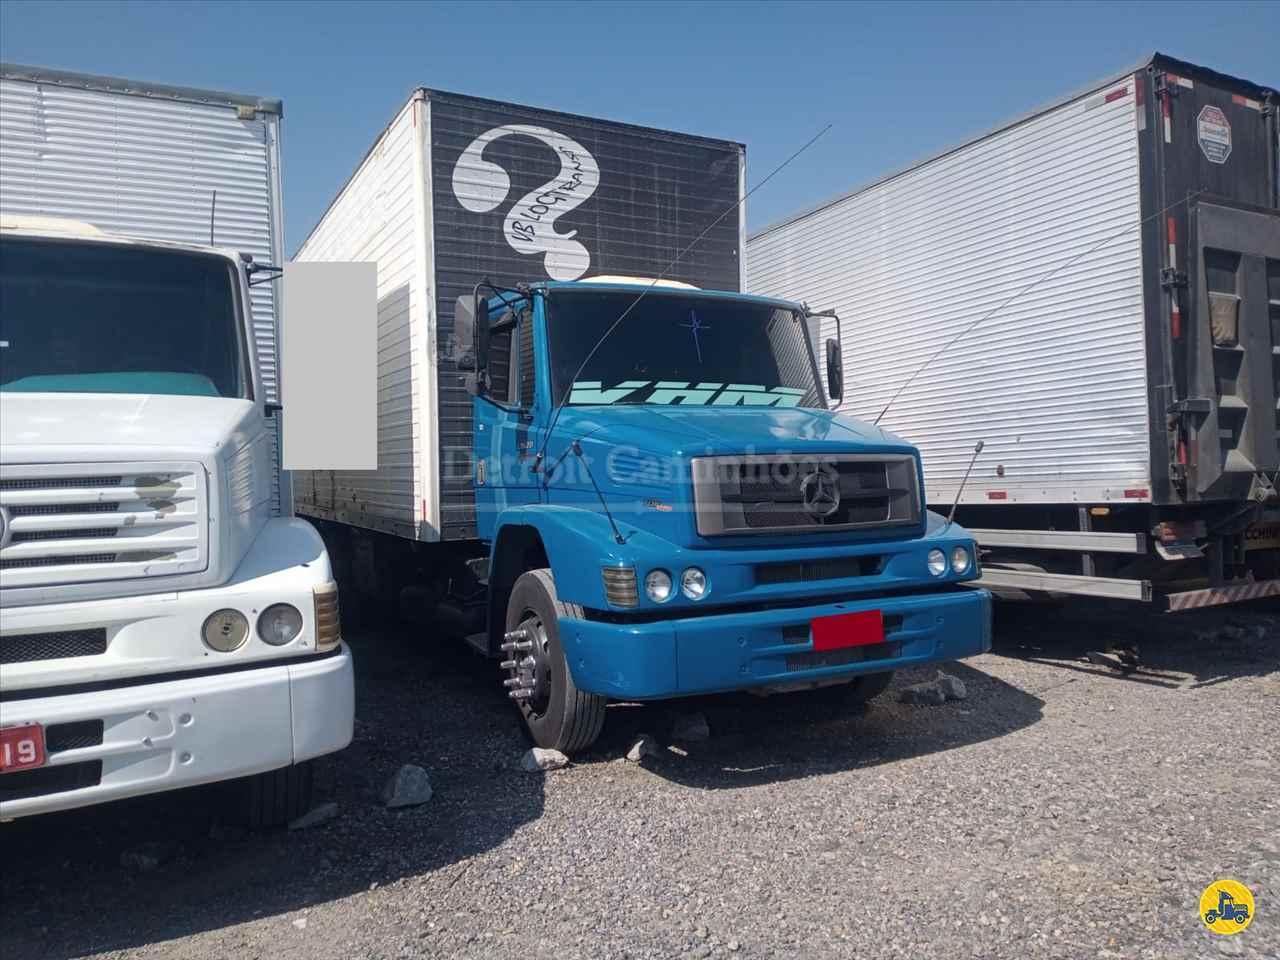 CAMINHAO MERCEDES-BENZ MB 1620 Baú Furgão Truck 6x2 Detroit Caminhões SAO JOSE DOS CAMPOS SÃO PAULO SP